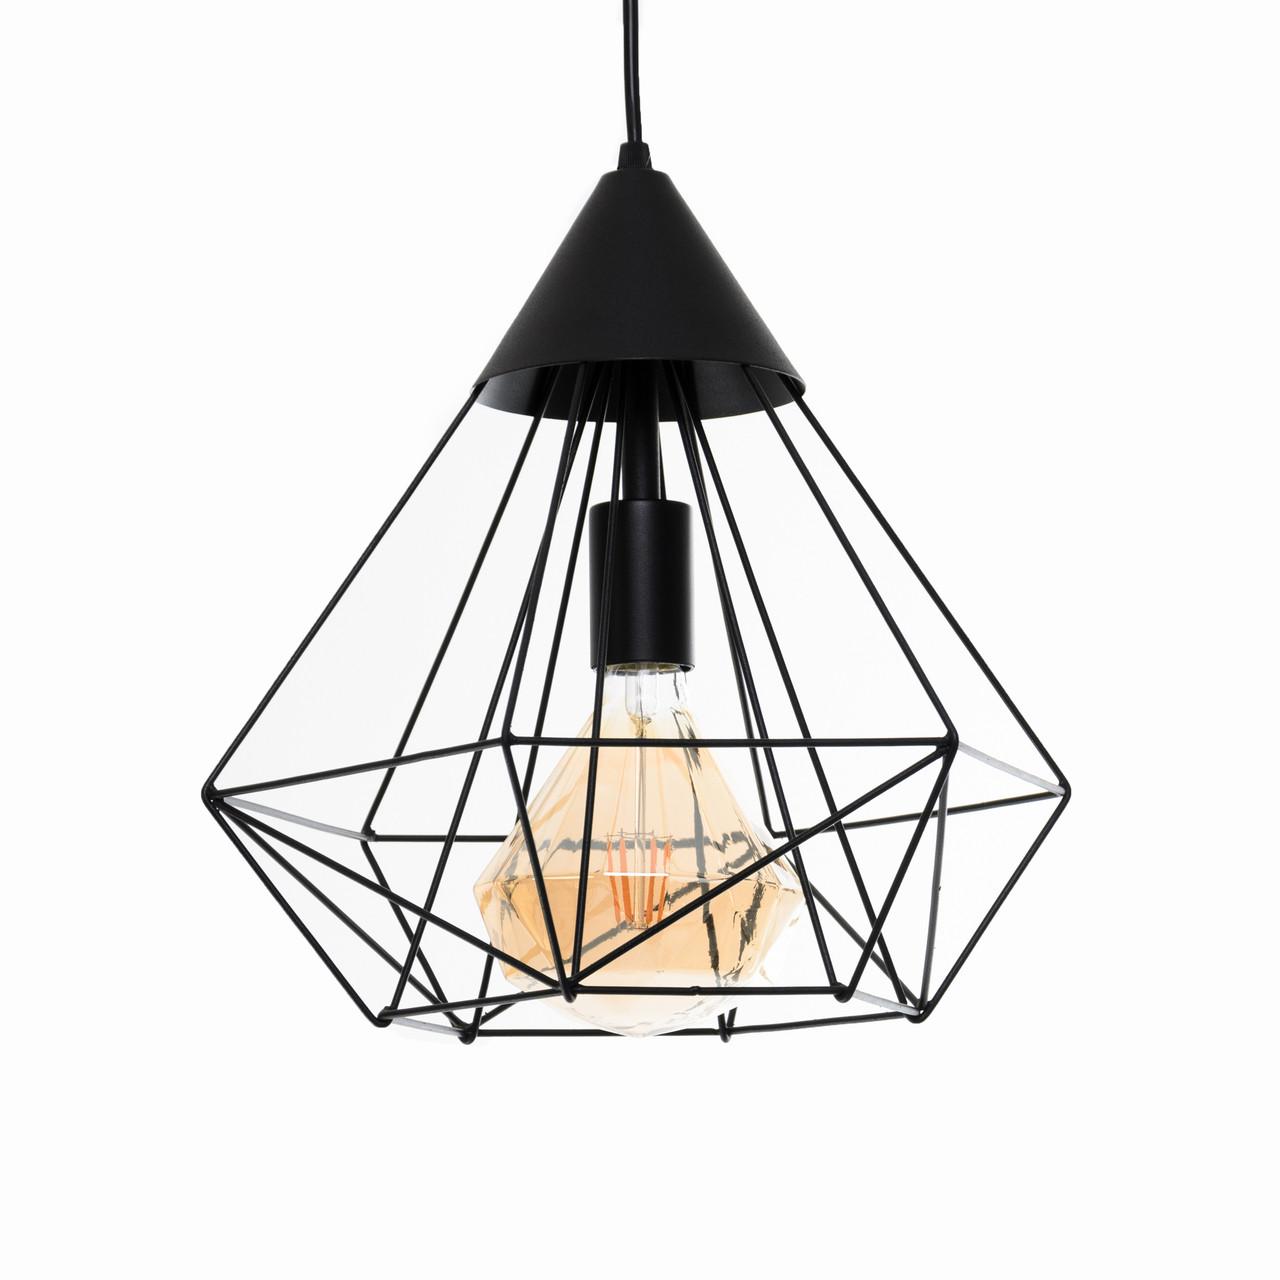 Люстра подвесная потолочная Atmolight Prism P315 Черный (1346)